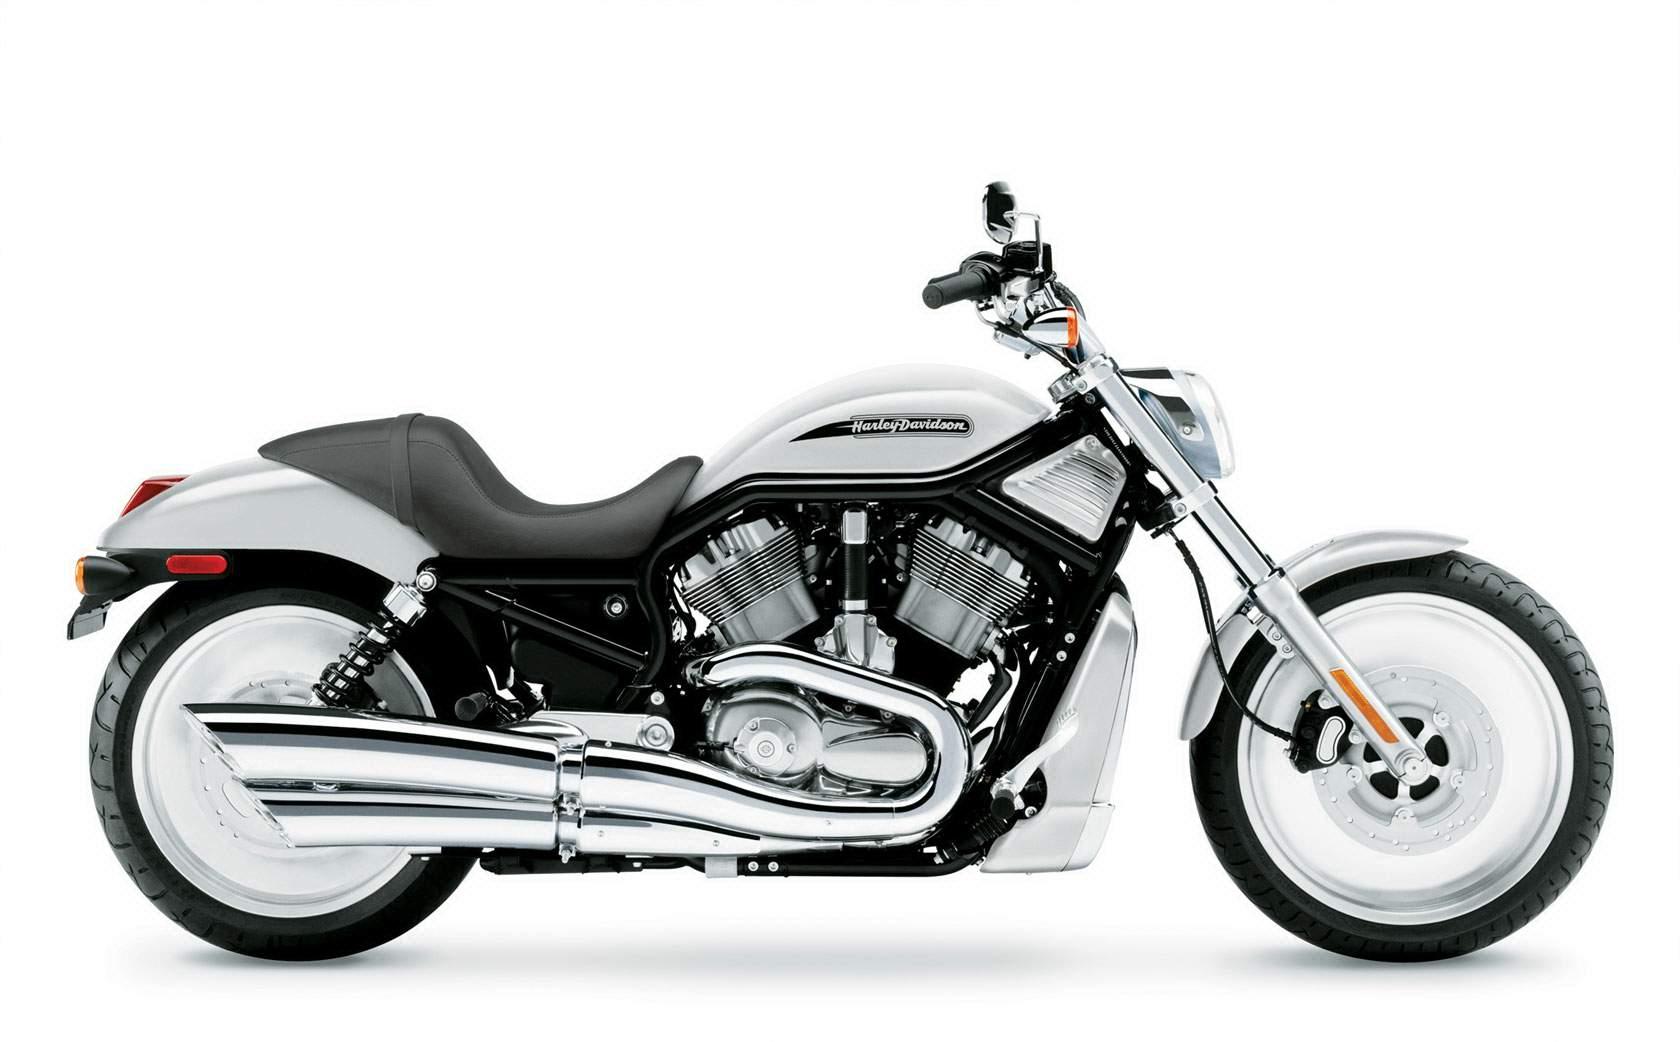 Compare a harley davidson v rod muscle vrscf 2009 a 2017 com outra - Compare A Harley Davidson V Rod Muscle Vrscf 2009 A 2017 Com Outra 20